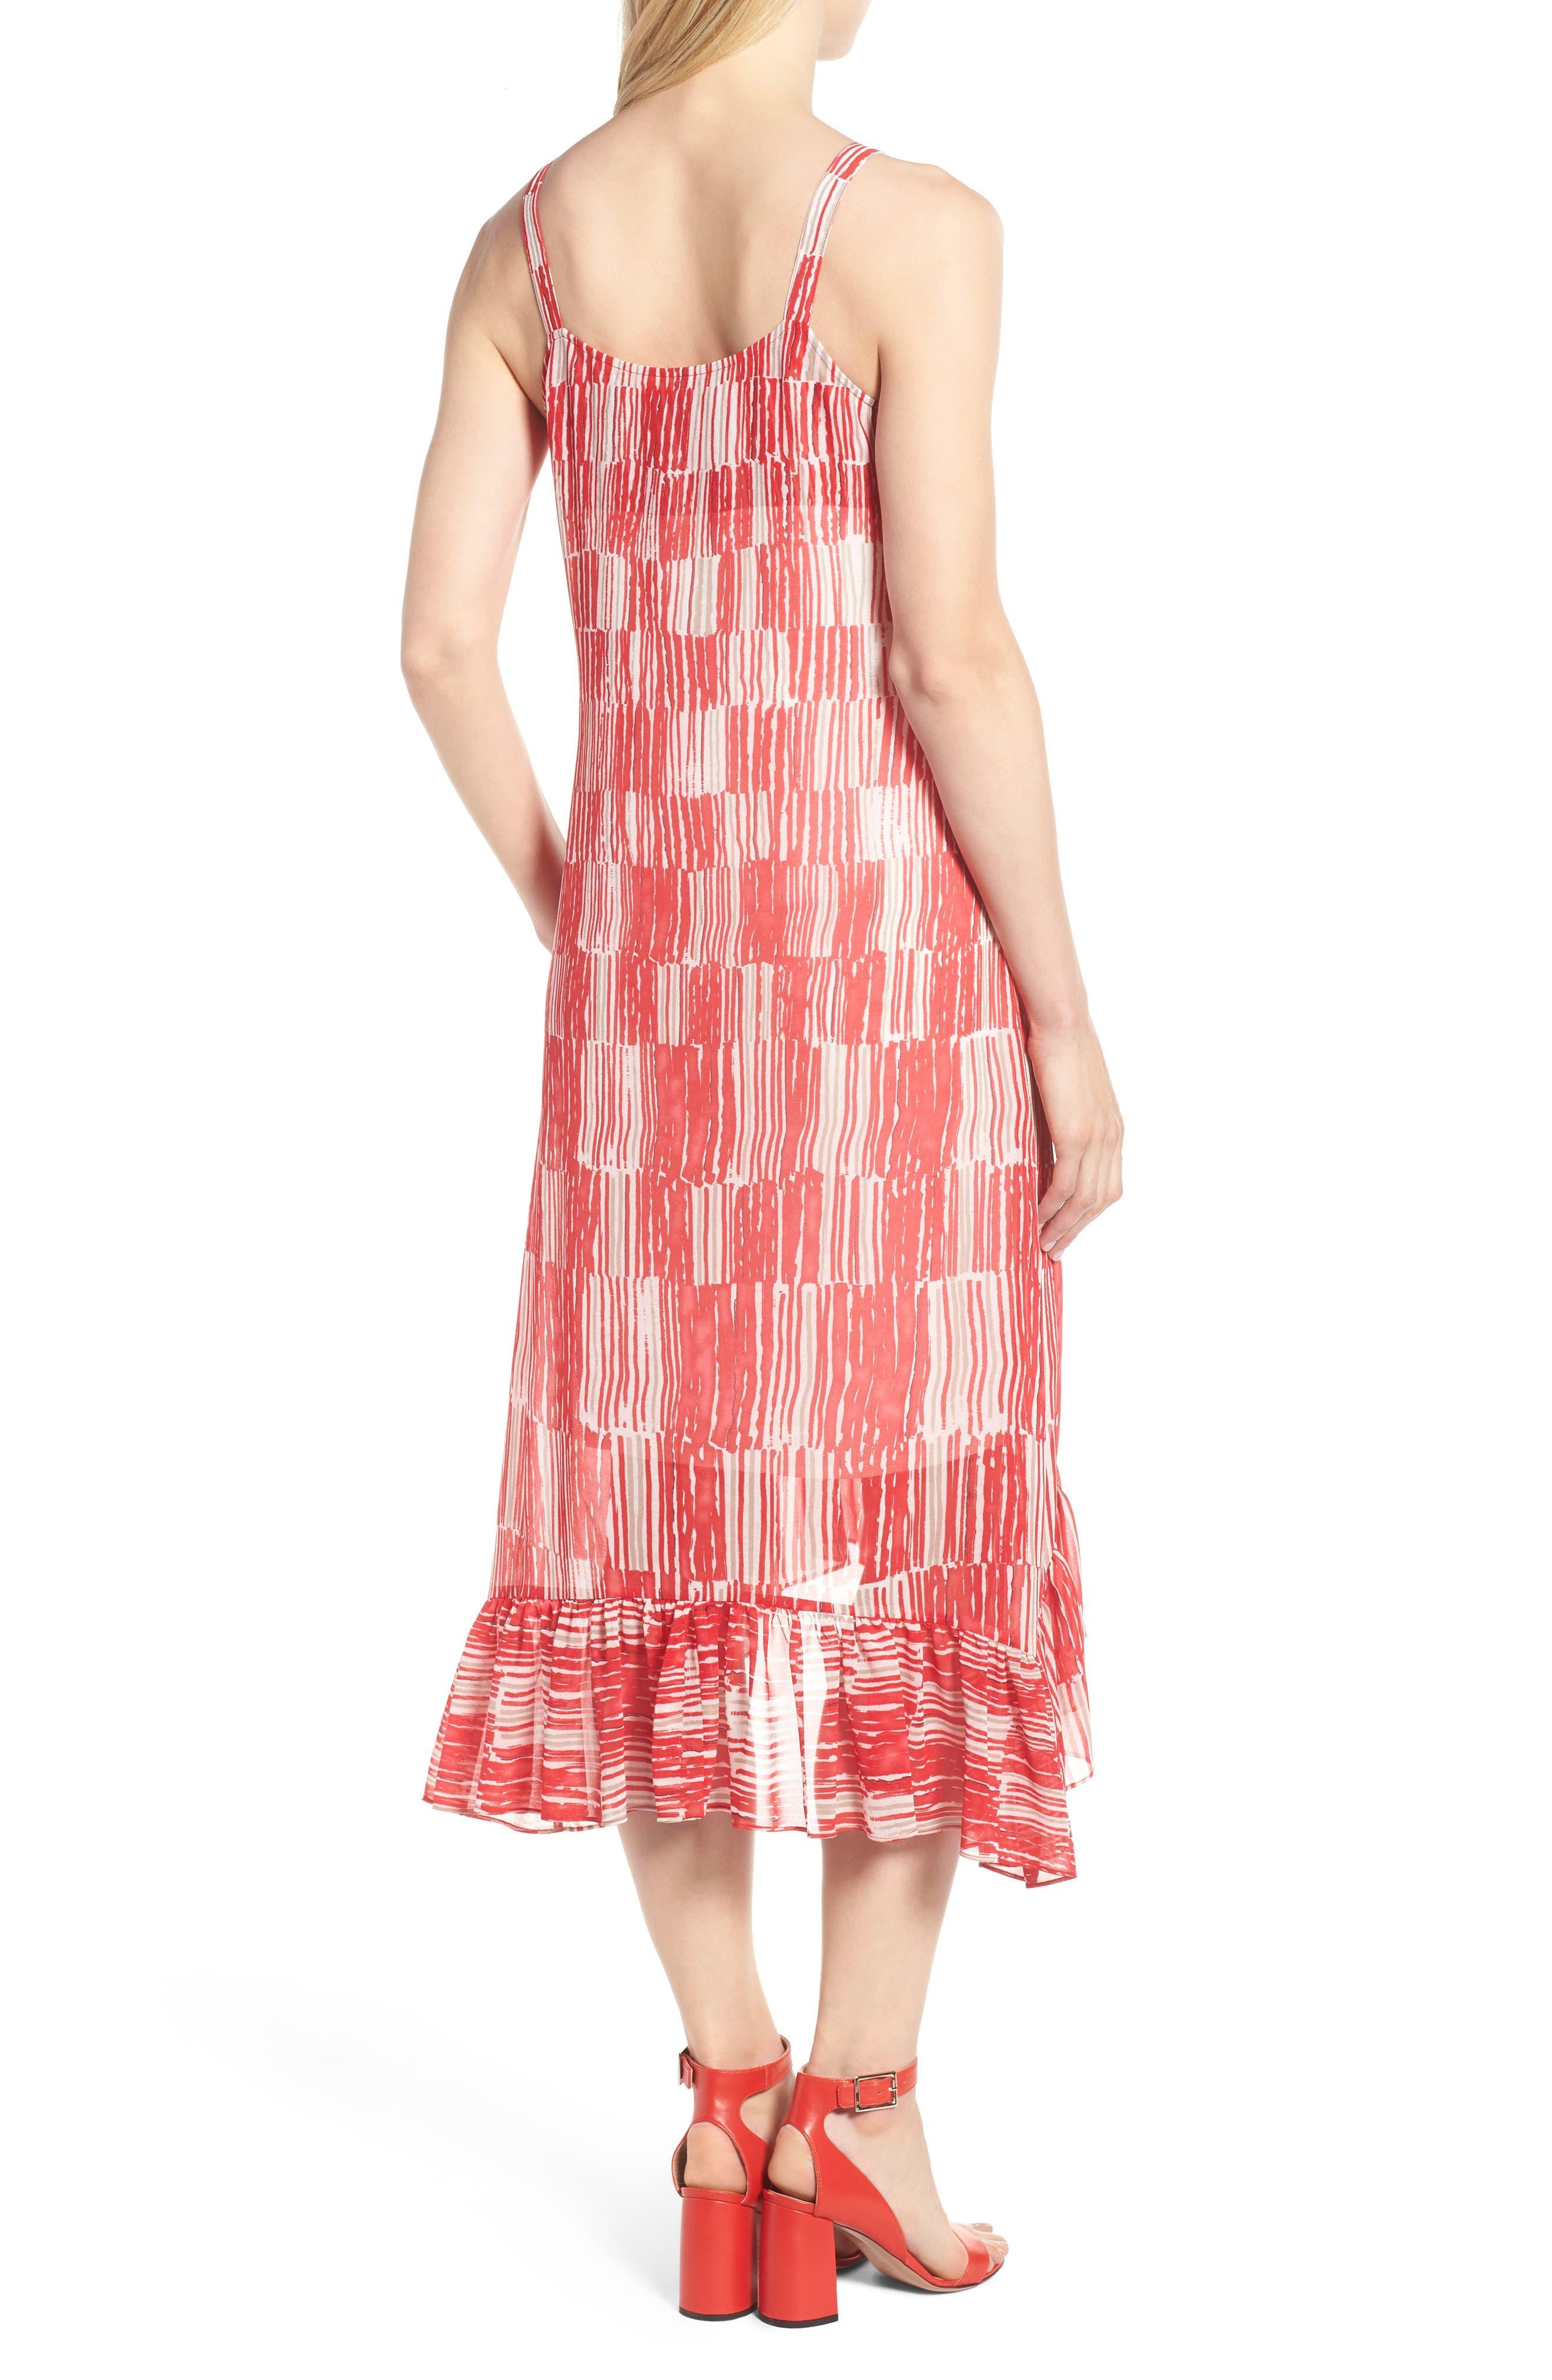 Zambra Dress,                             Alternate thumbnail 2, color,                             Multi